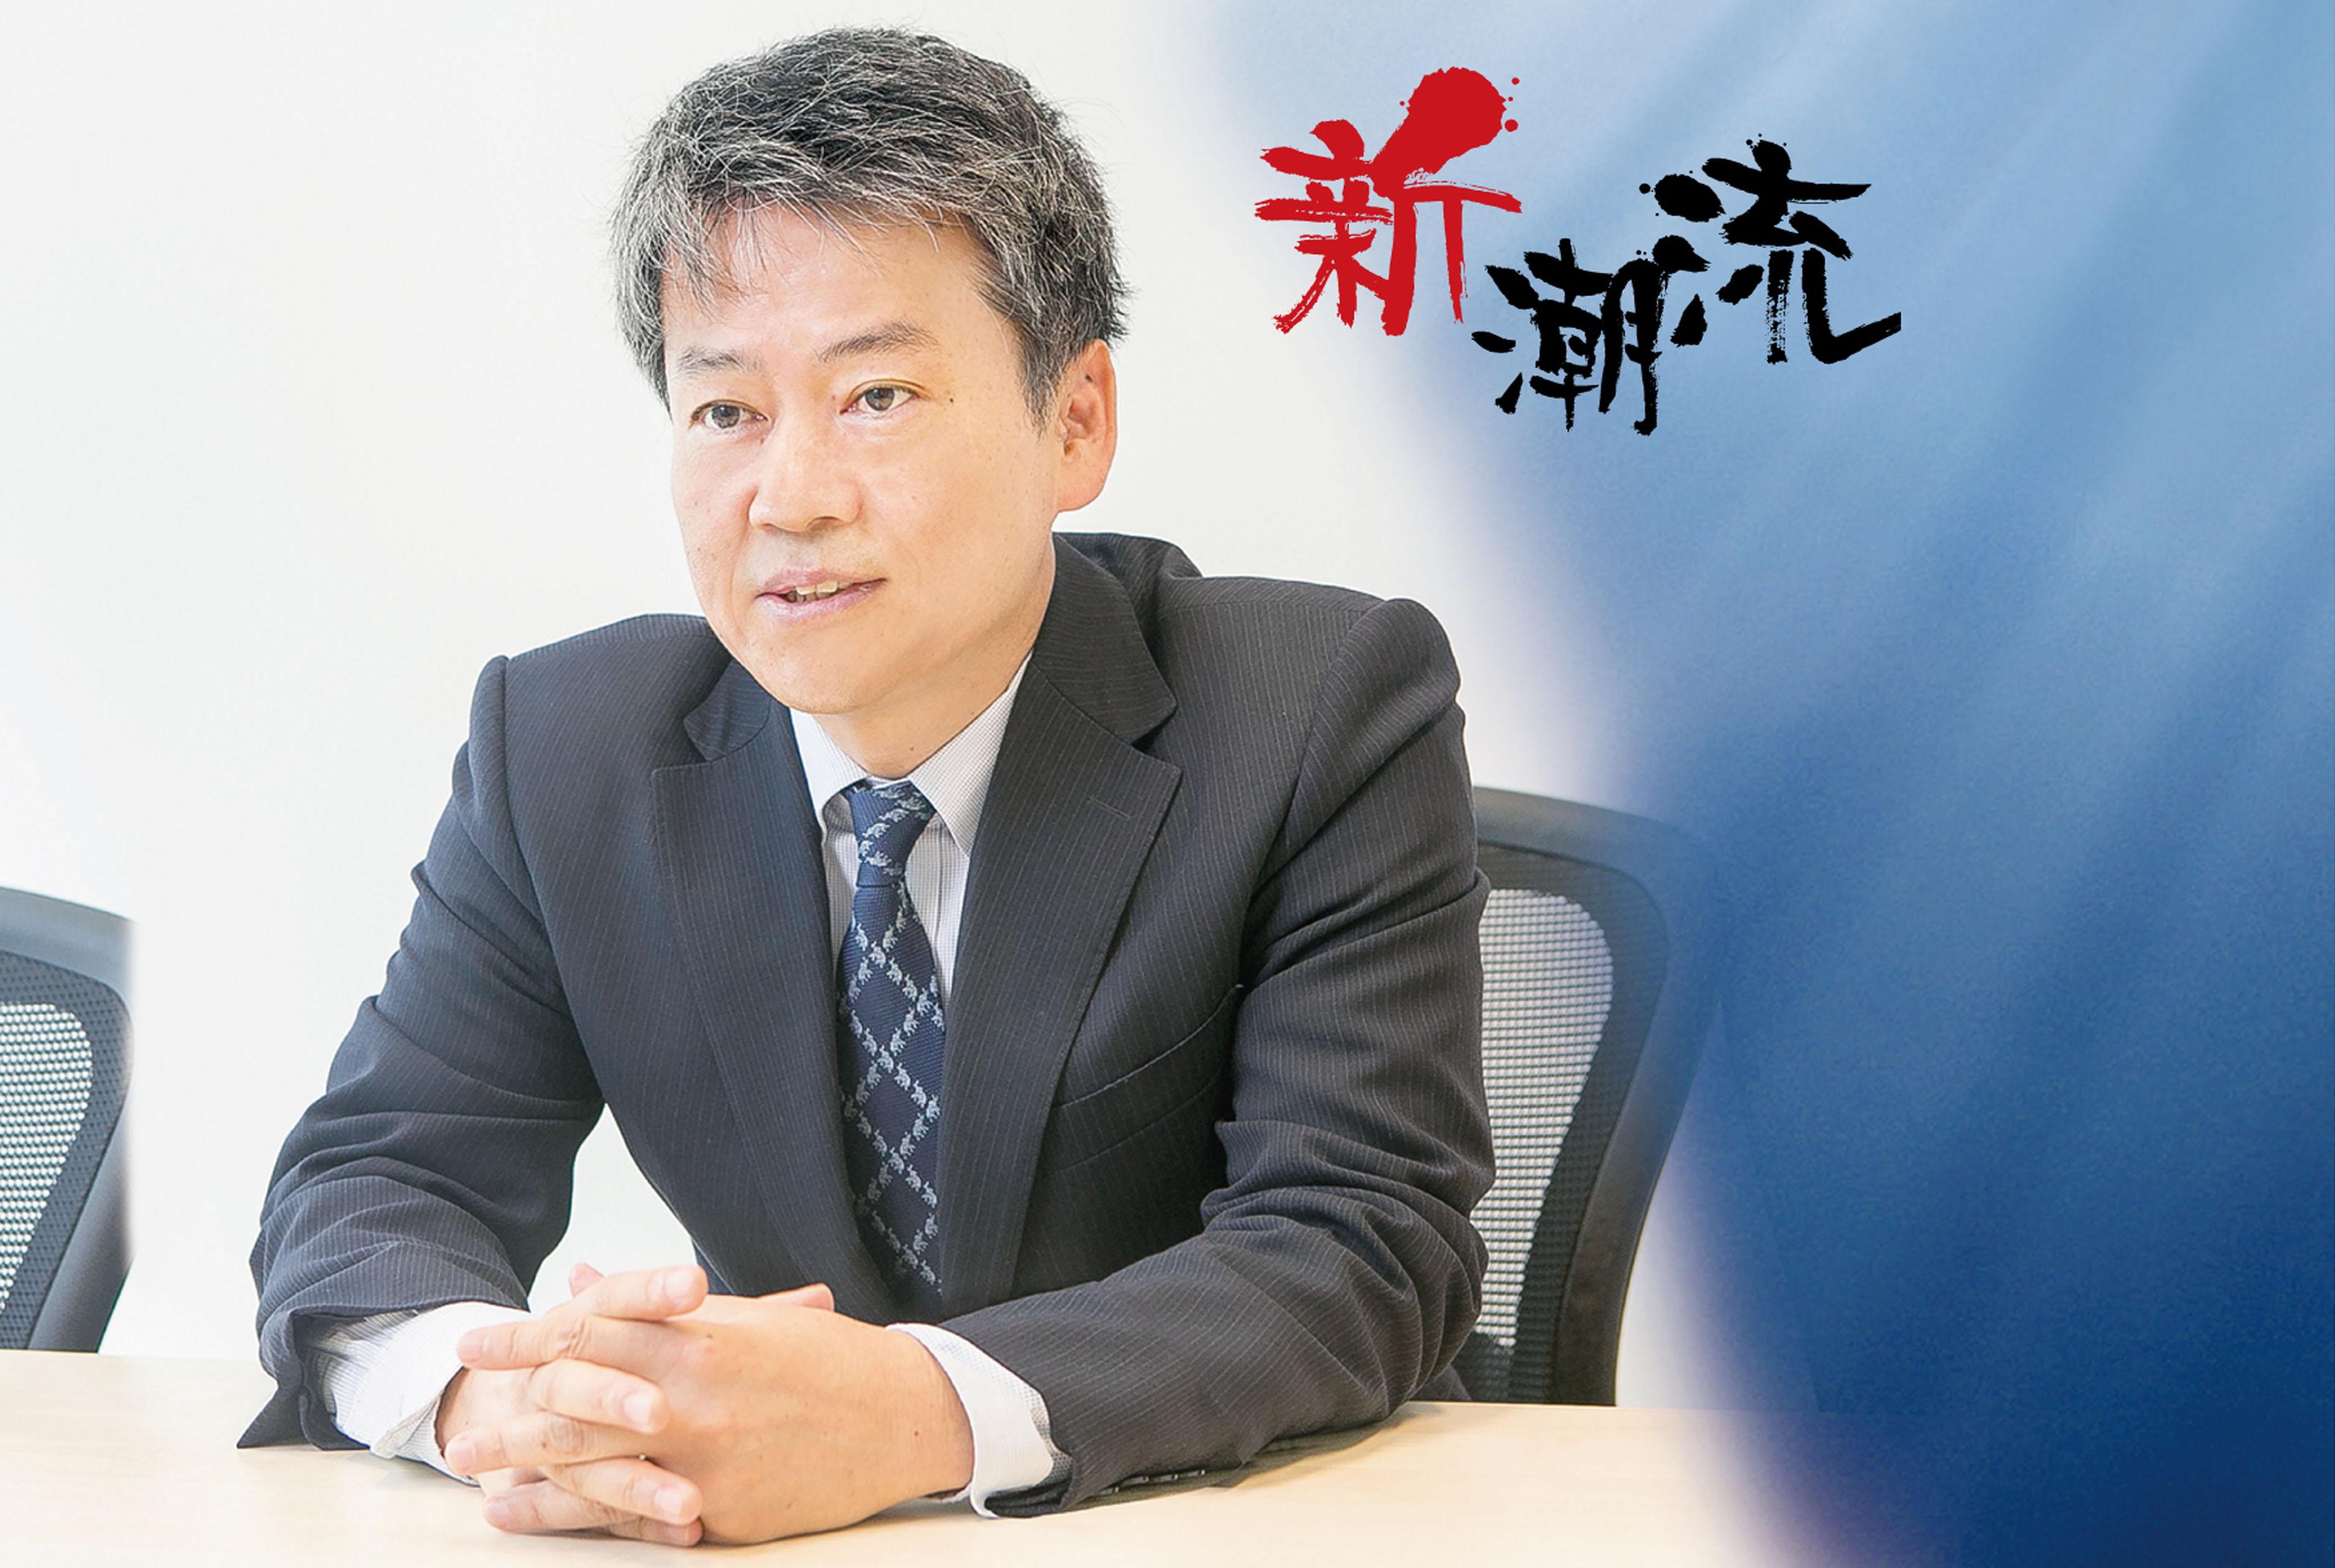 日本政策金融公庫 - ワイズデジタル【タイで生活する人のための情報サイト】